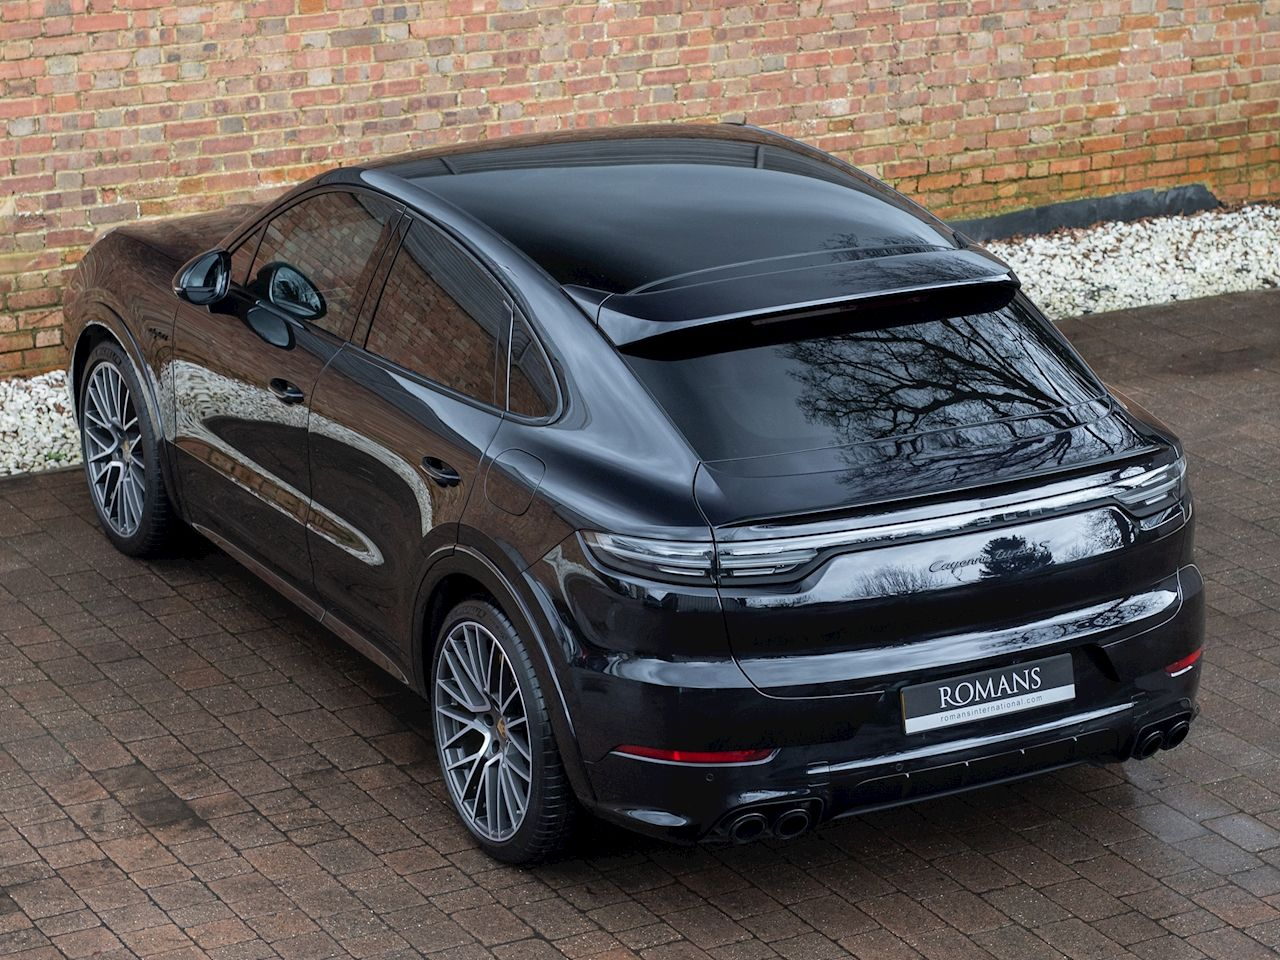 2019 Used Porsche Cayenne Turbo S E Hybrid Jet Black Metallic In 2020 Porsche Cayenne Cayenne Turbo Used Porsche